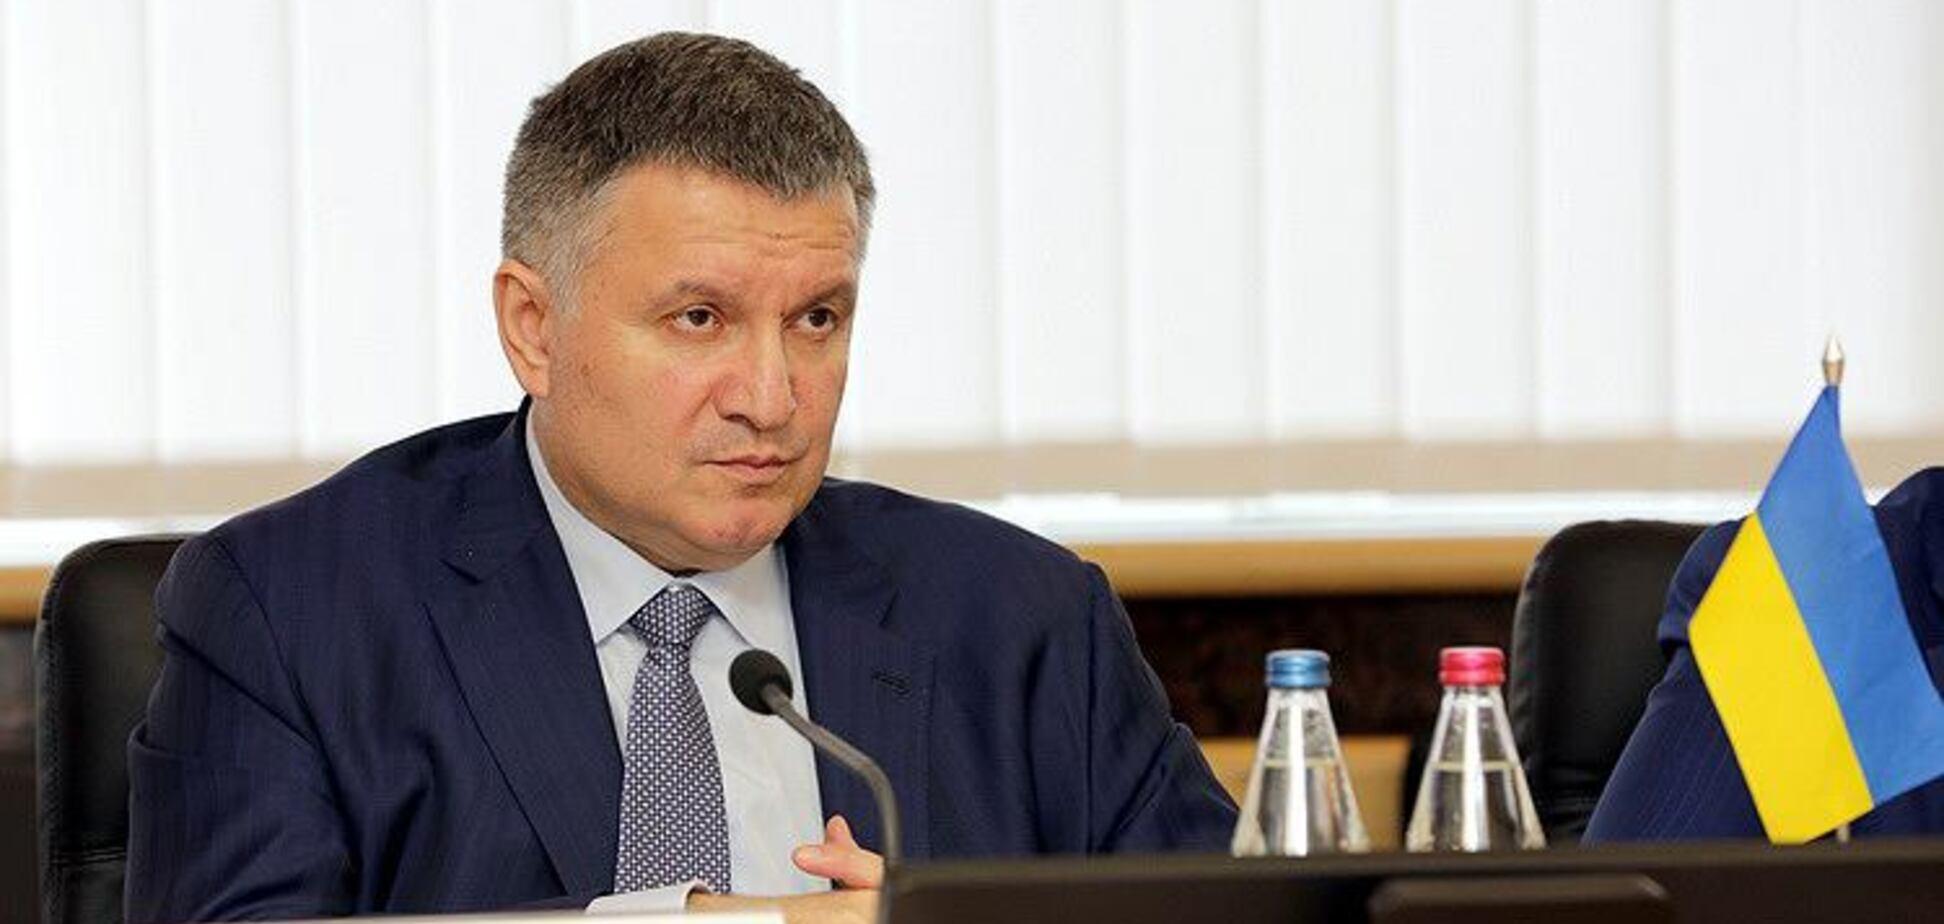 МВС почало підготовку до операції з деокупації Донбасу